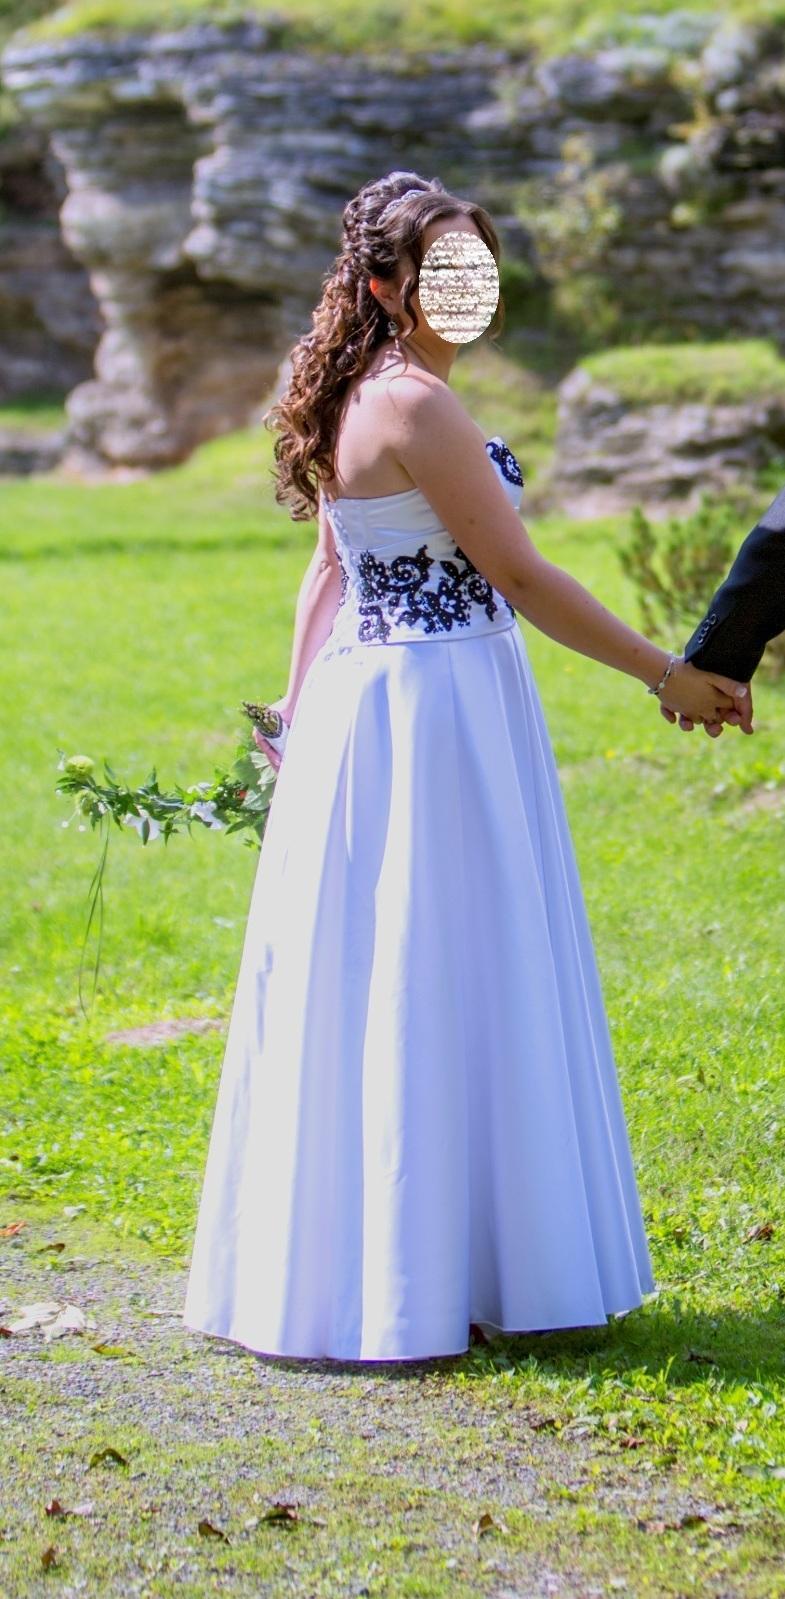 Svadobné šaty 38 - 42 - Obrázok č. 2